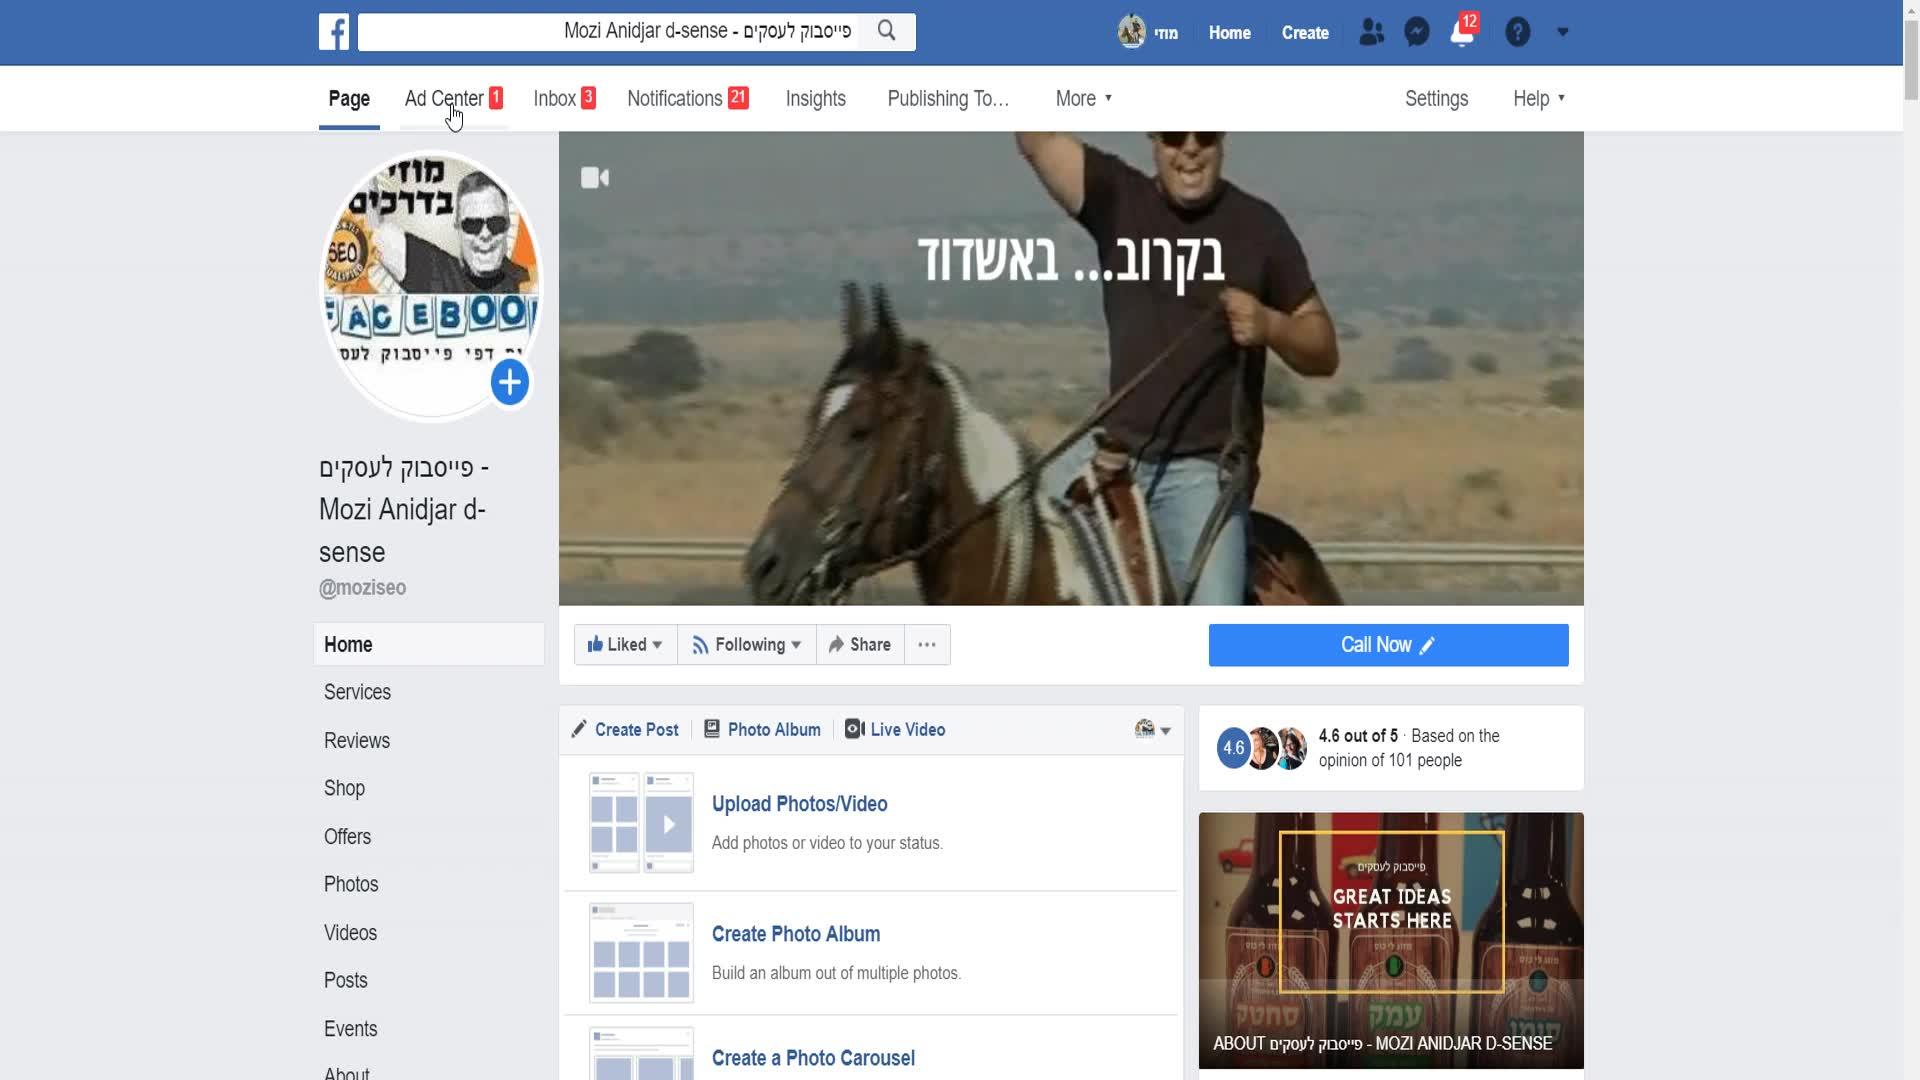 תפריט הניהול של הדף העסקי בפייסבוק